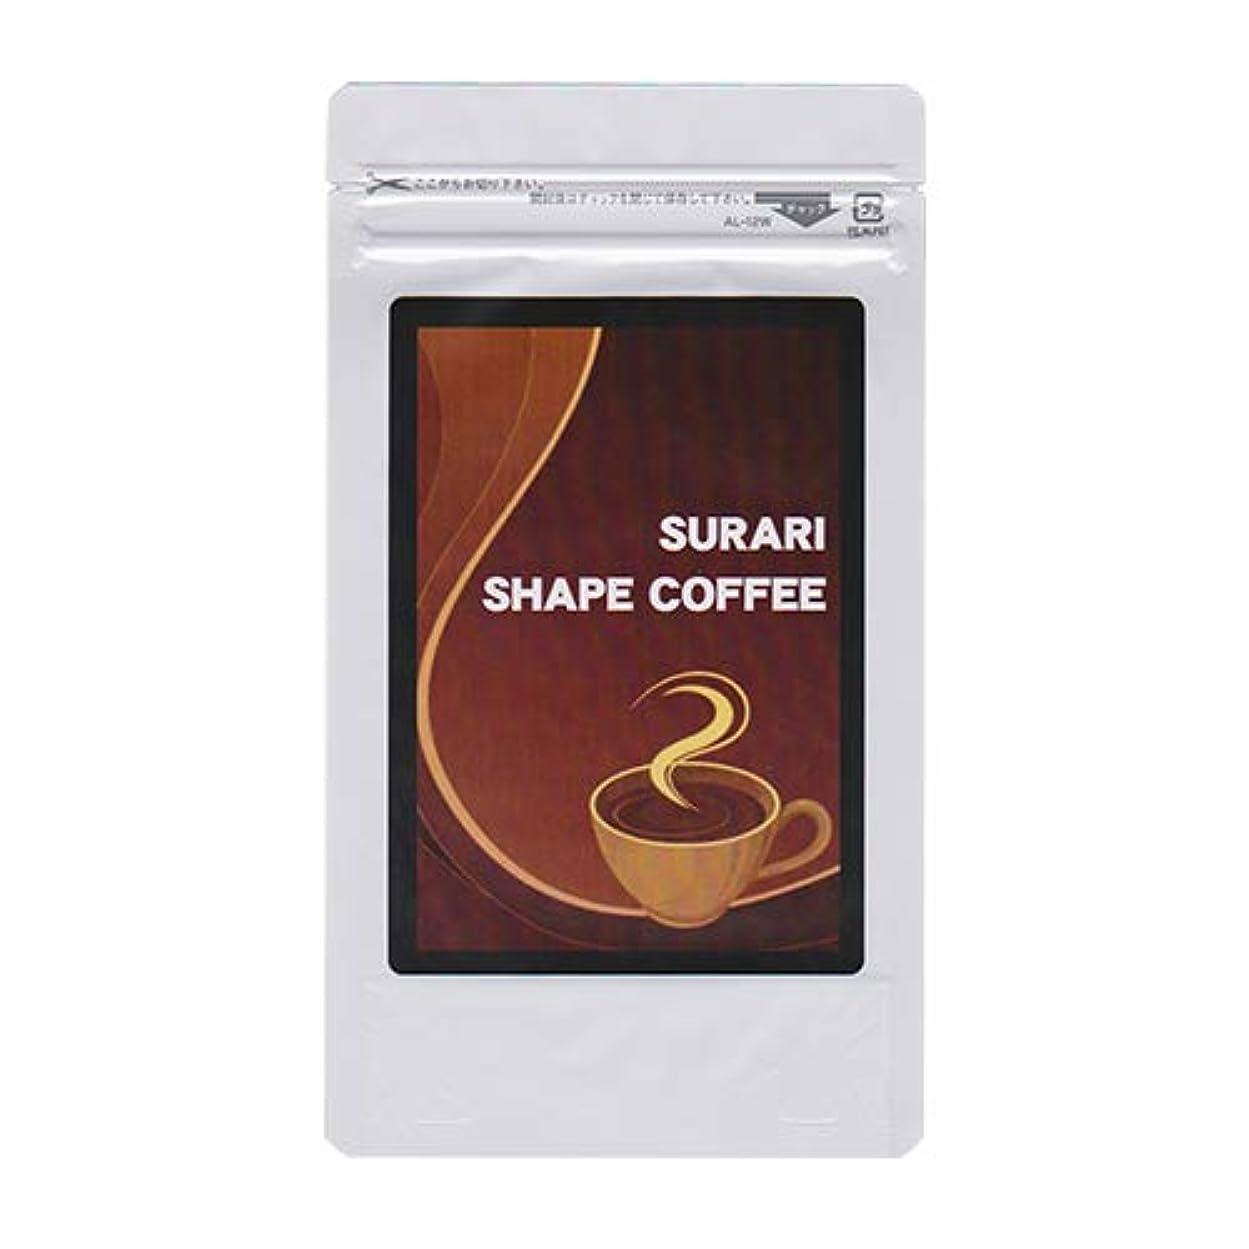 時折スリップシューズ効率的SURARI SHAPE COFFEE スラリシェイプコーヒー ダイエットコーヒー